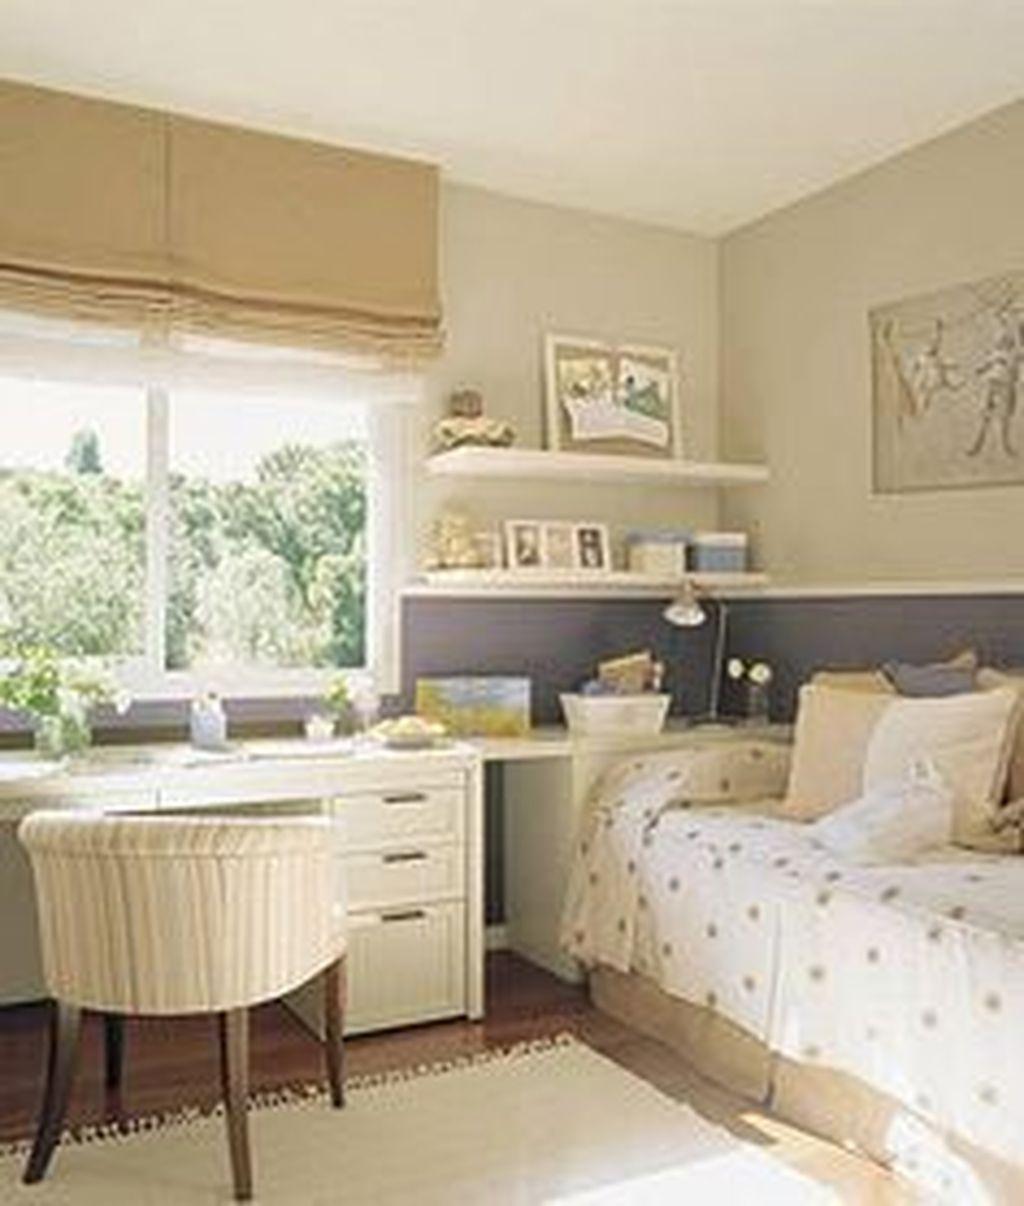 46 Gorgeous Guest Bedroom Decoration Ideas